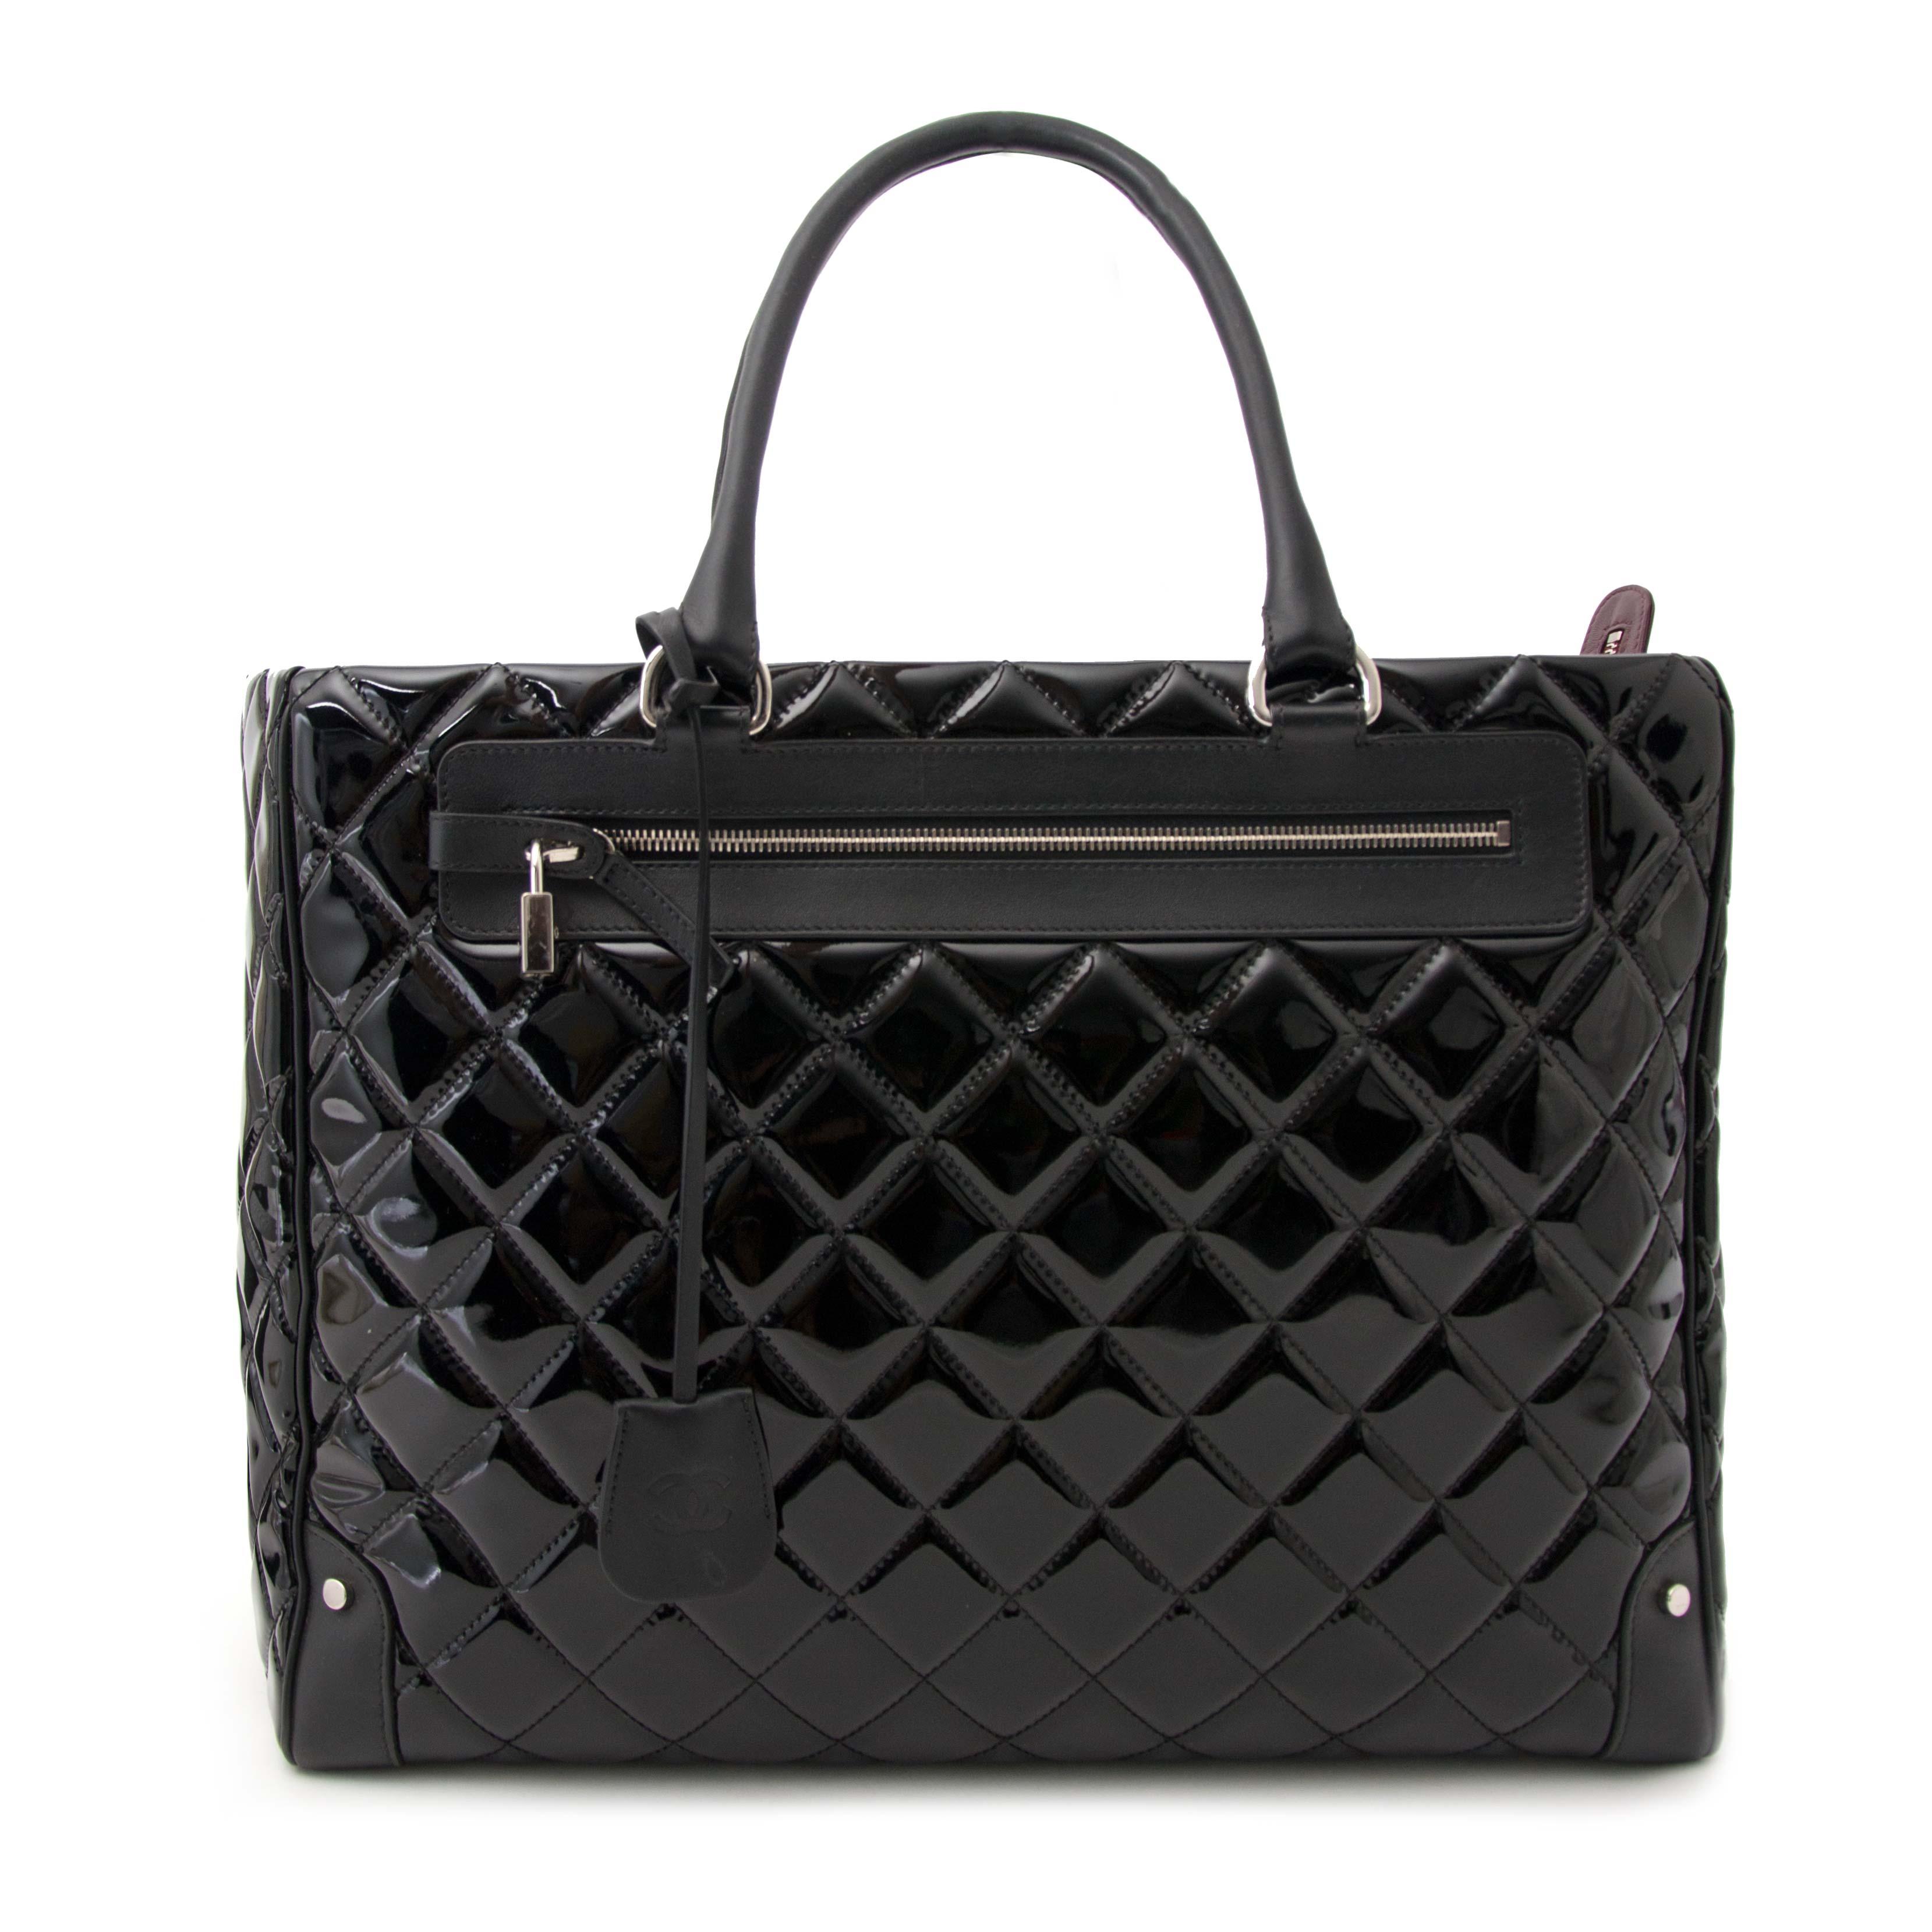 Koop en verkoop uw authentieke designer handtassen en accessoires van Chanel bij Labellov